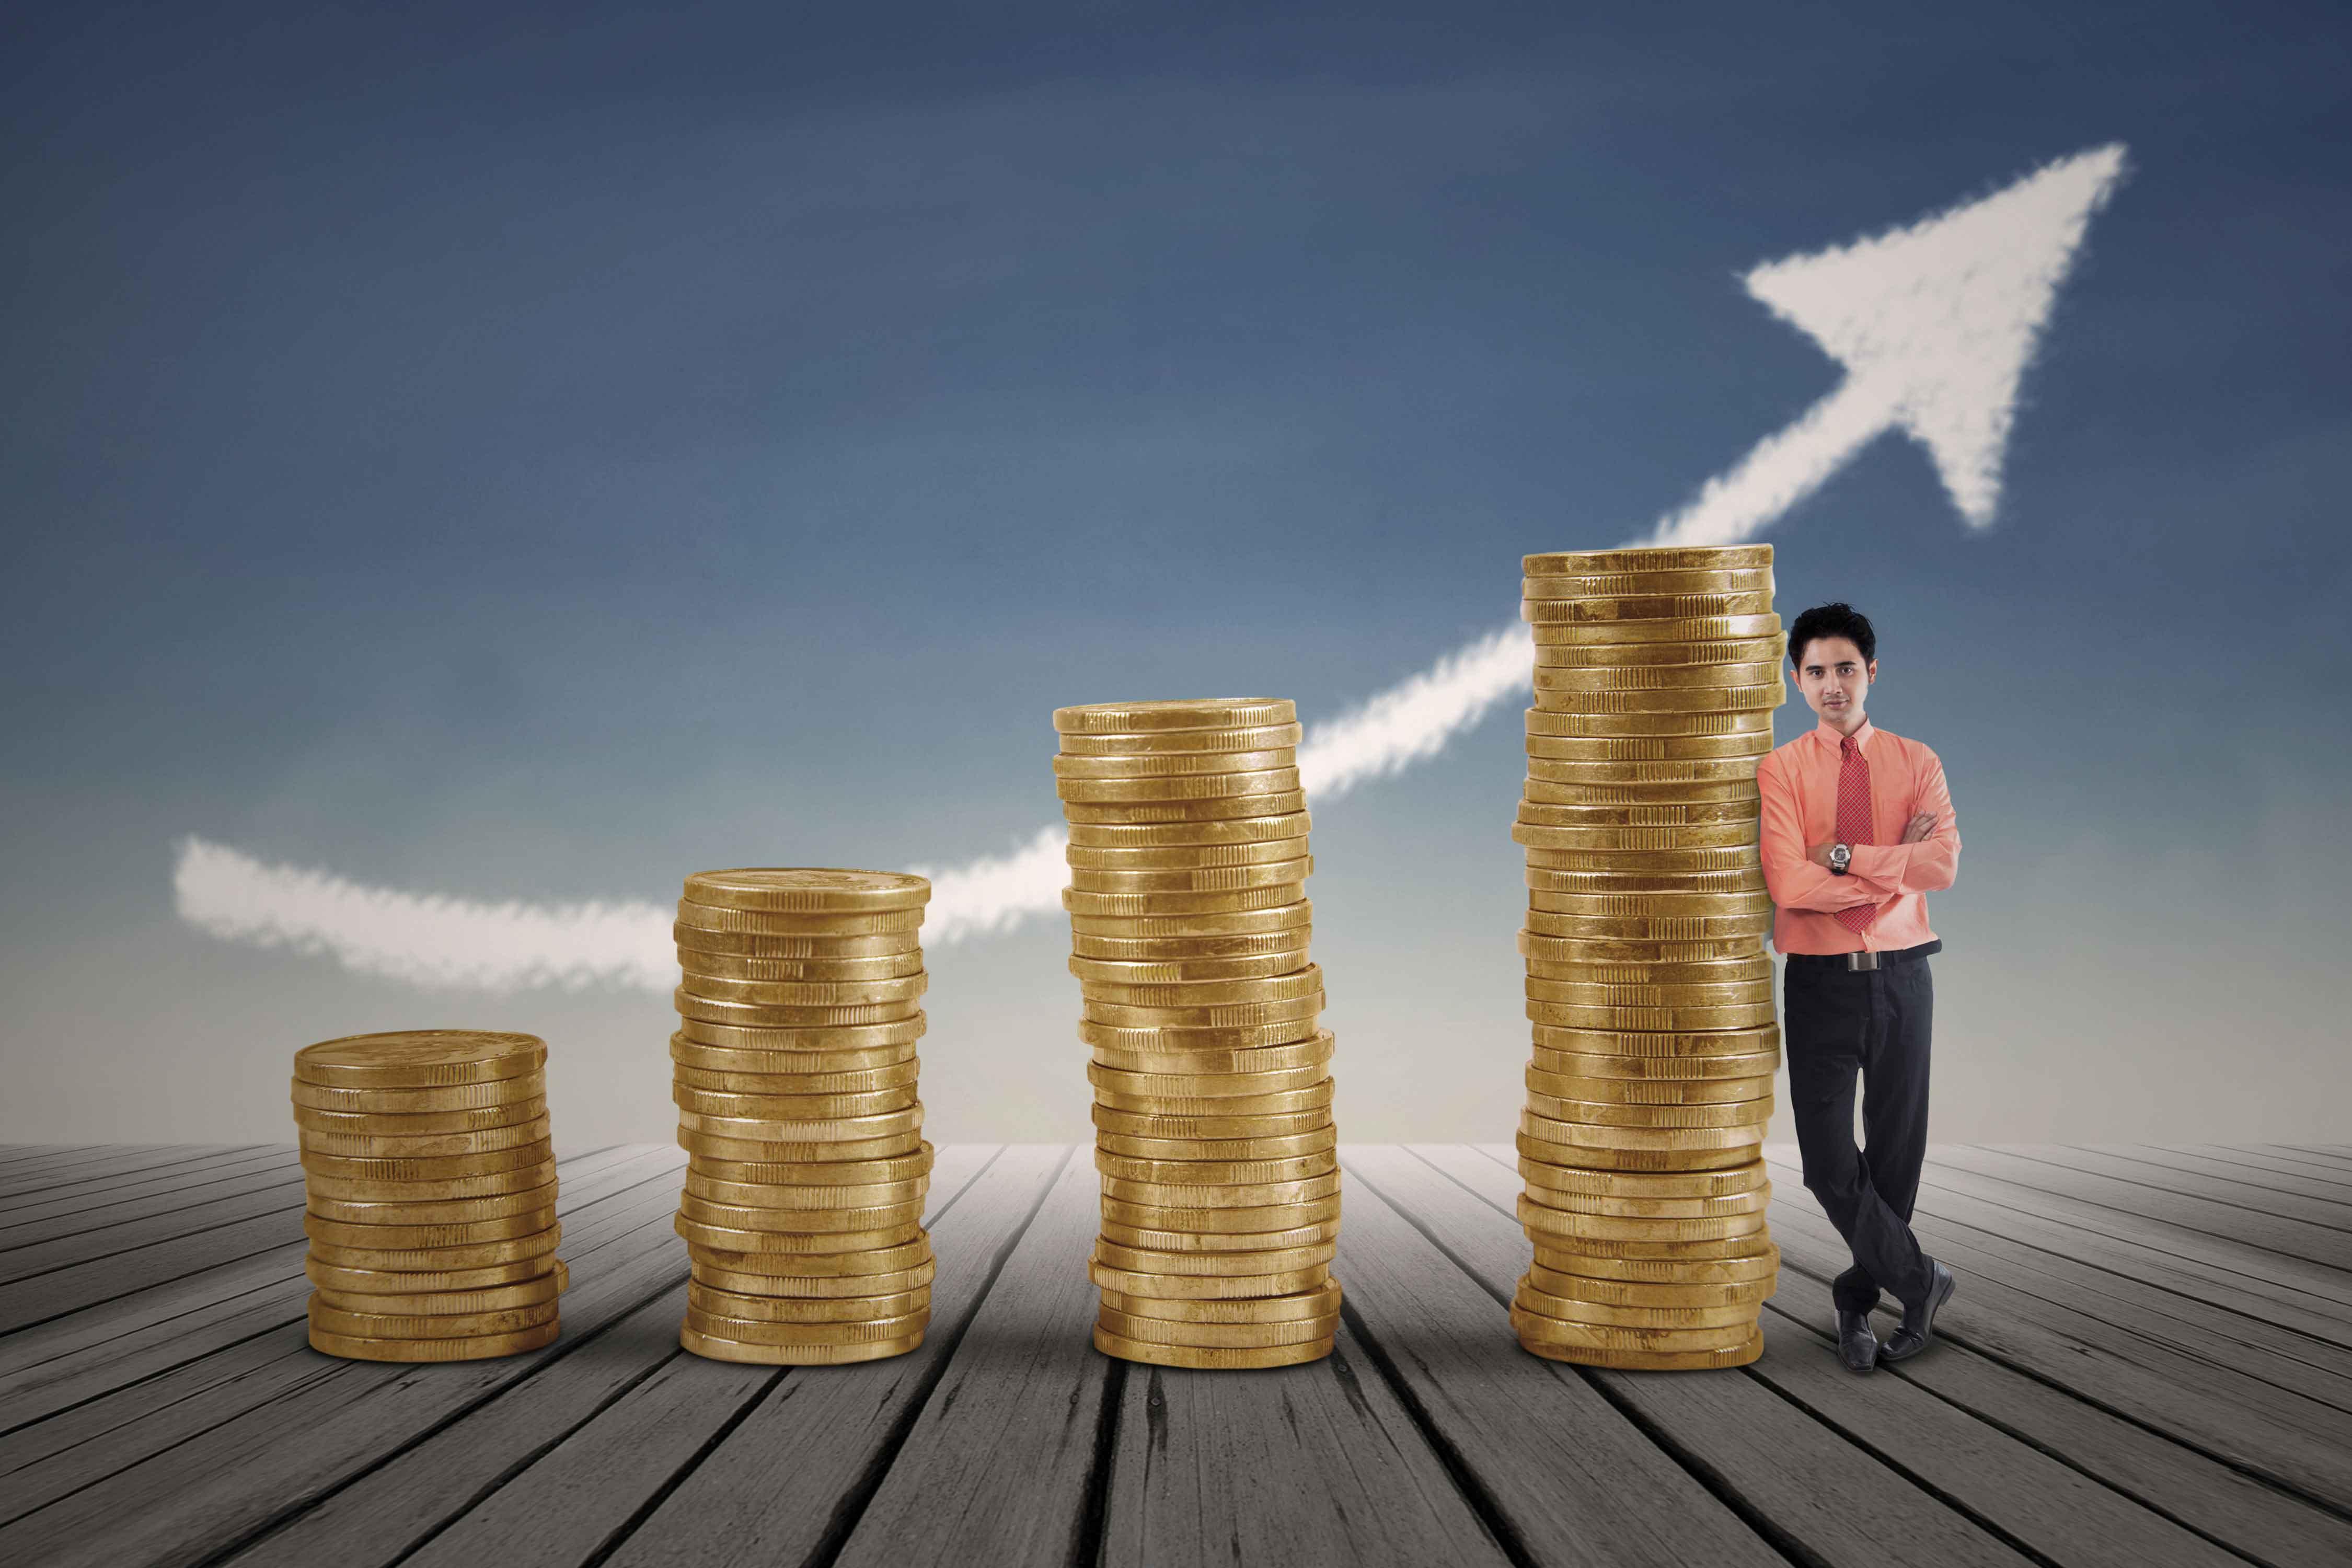 uma imagem sobre investimentos